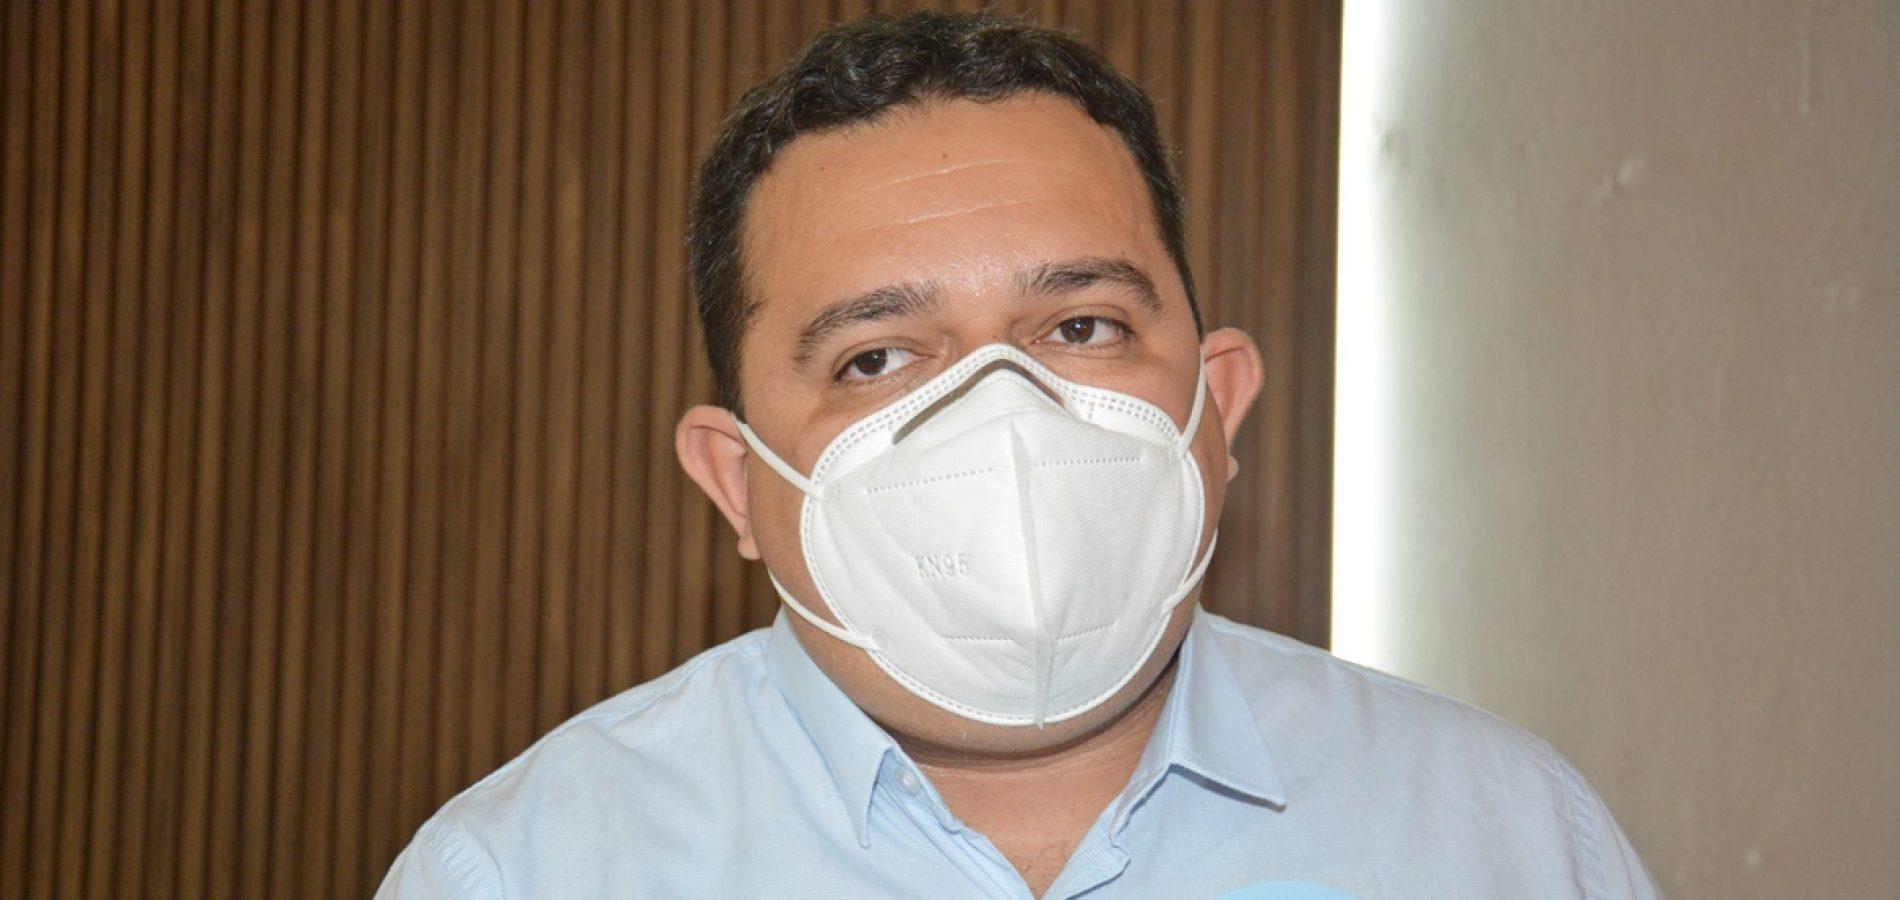 CARIDADE | Justiça eleitoral aprova contas de campanha do prefeito Toninho